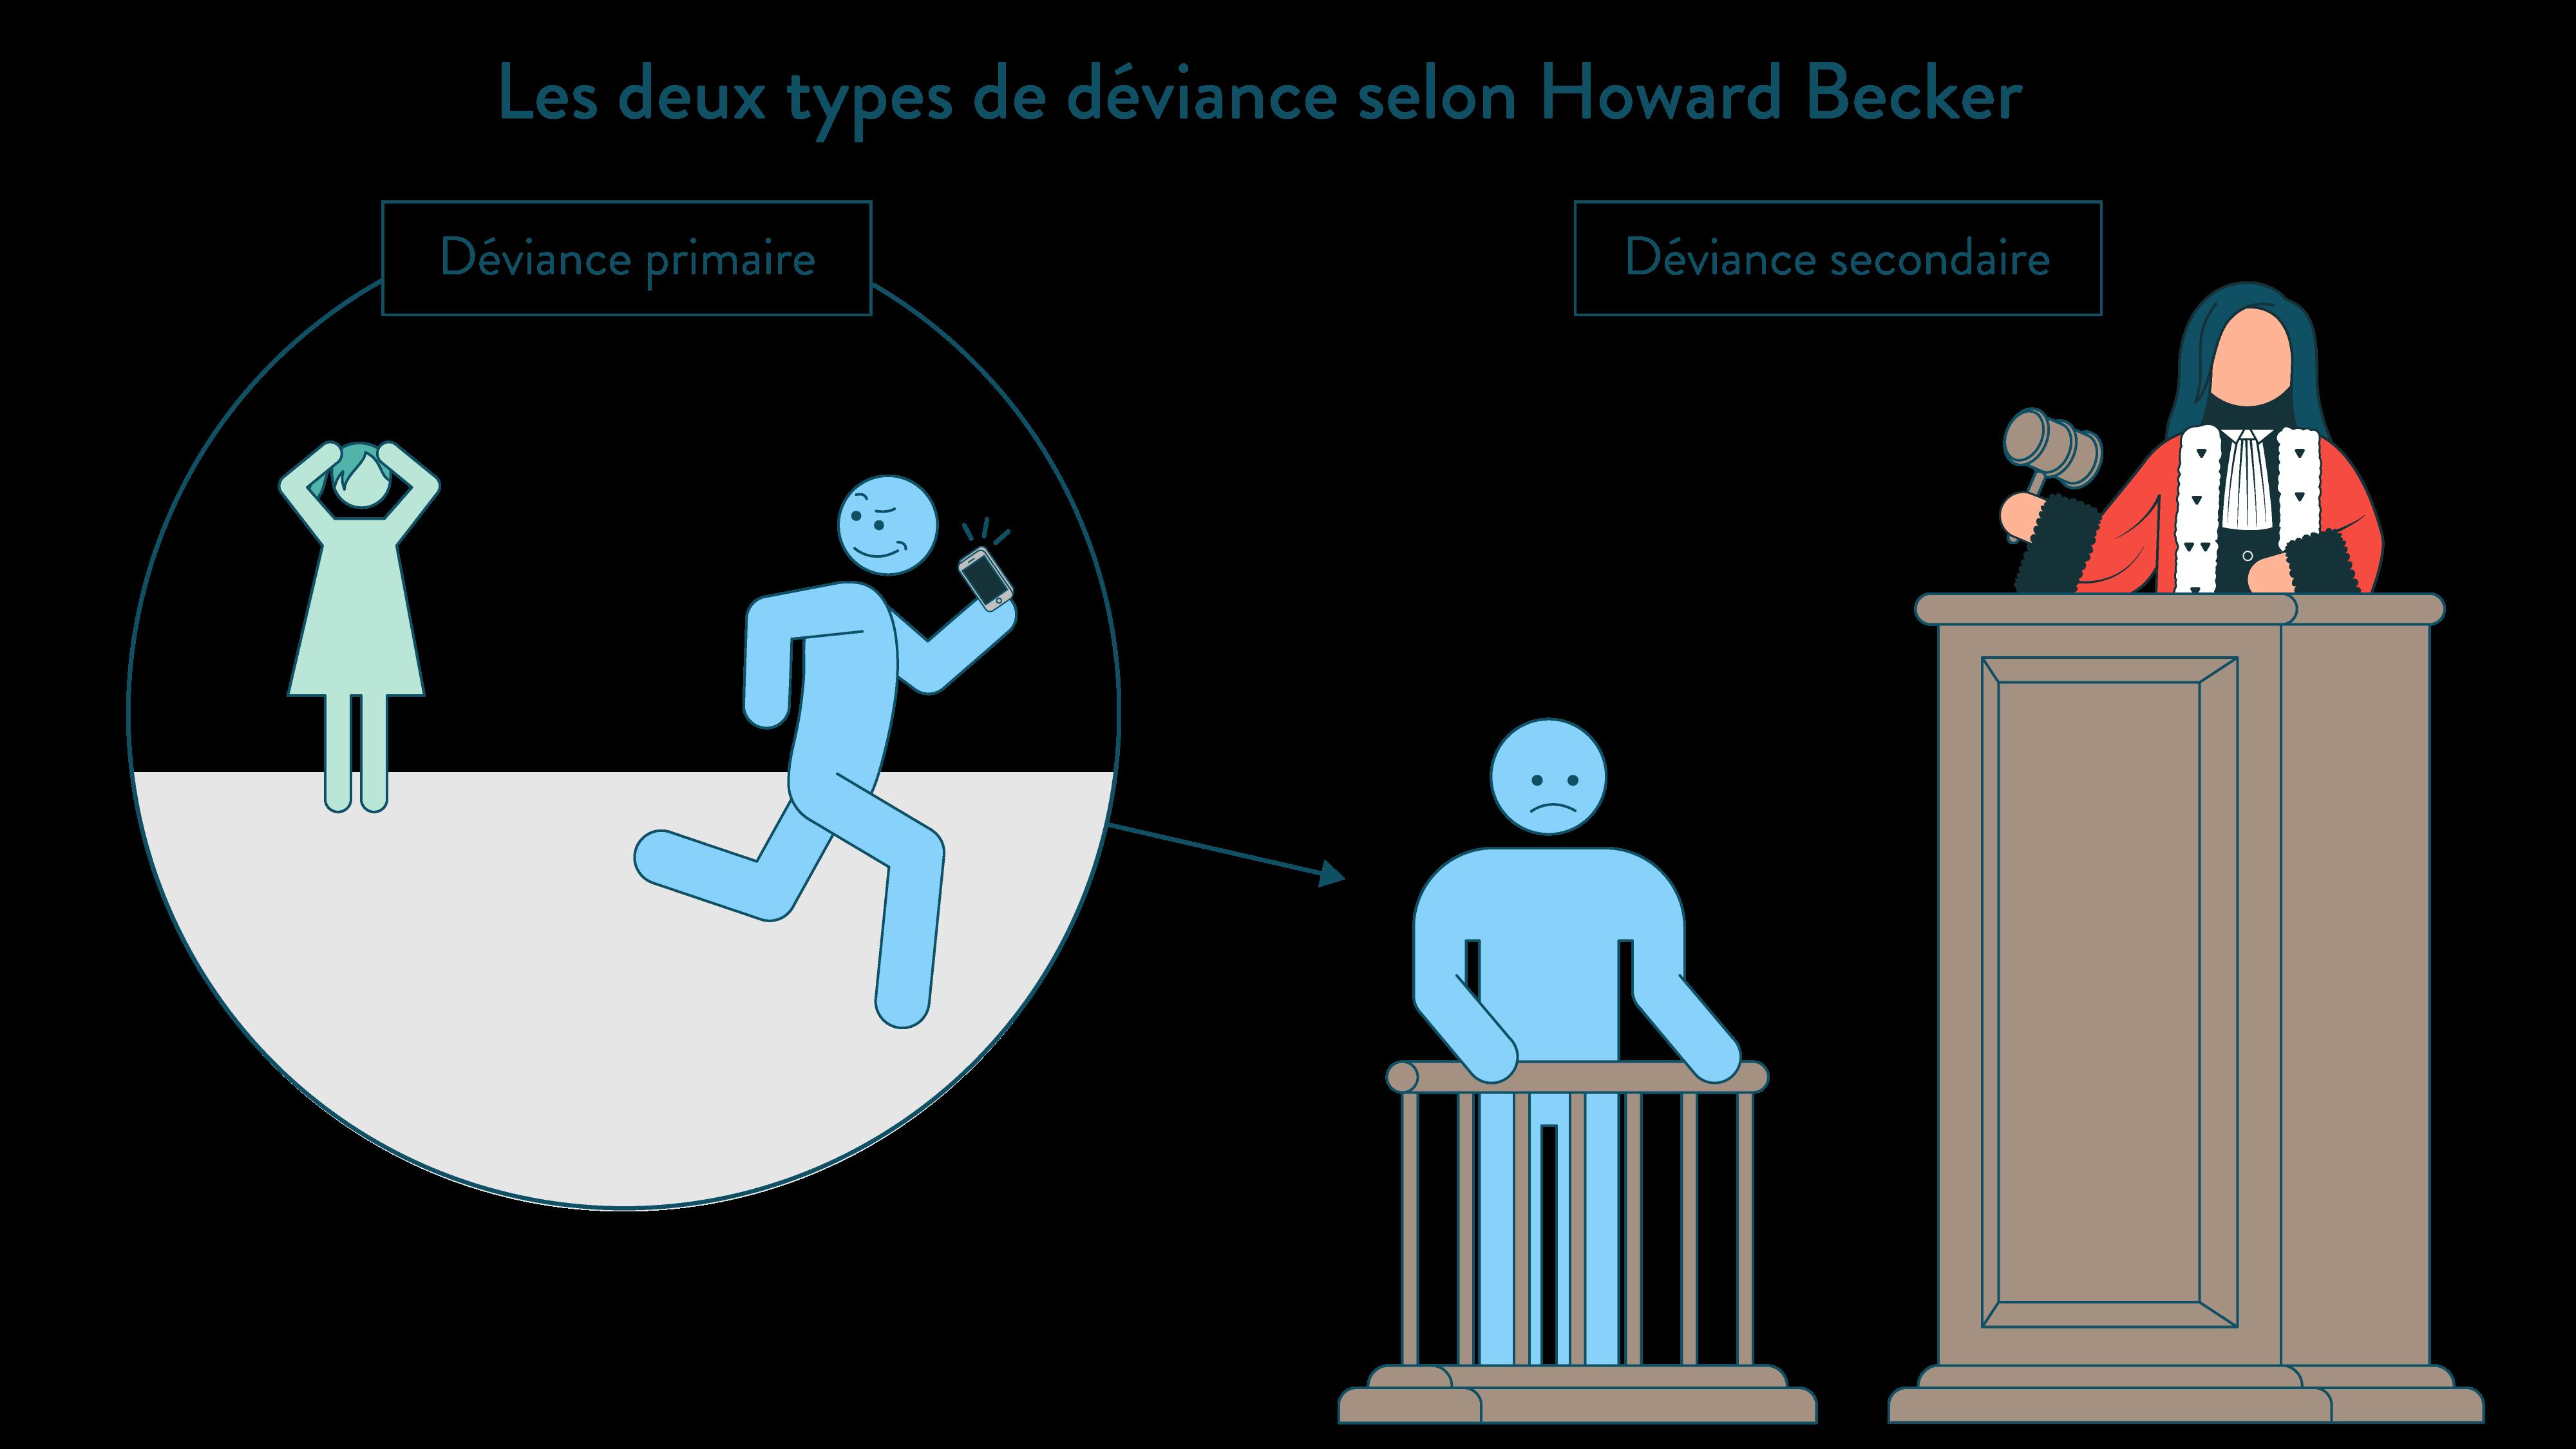 déviance primaire déviance secondaire les deux types de déviance selon Howard Becker ses première